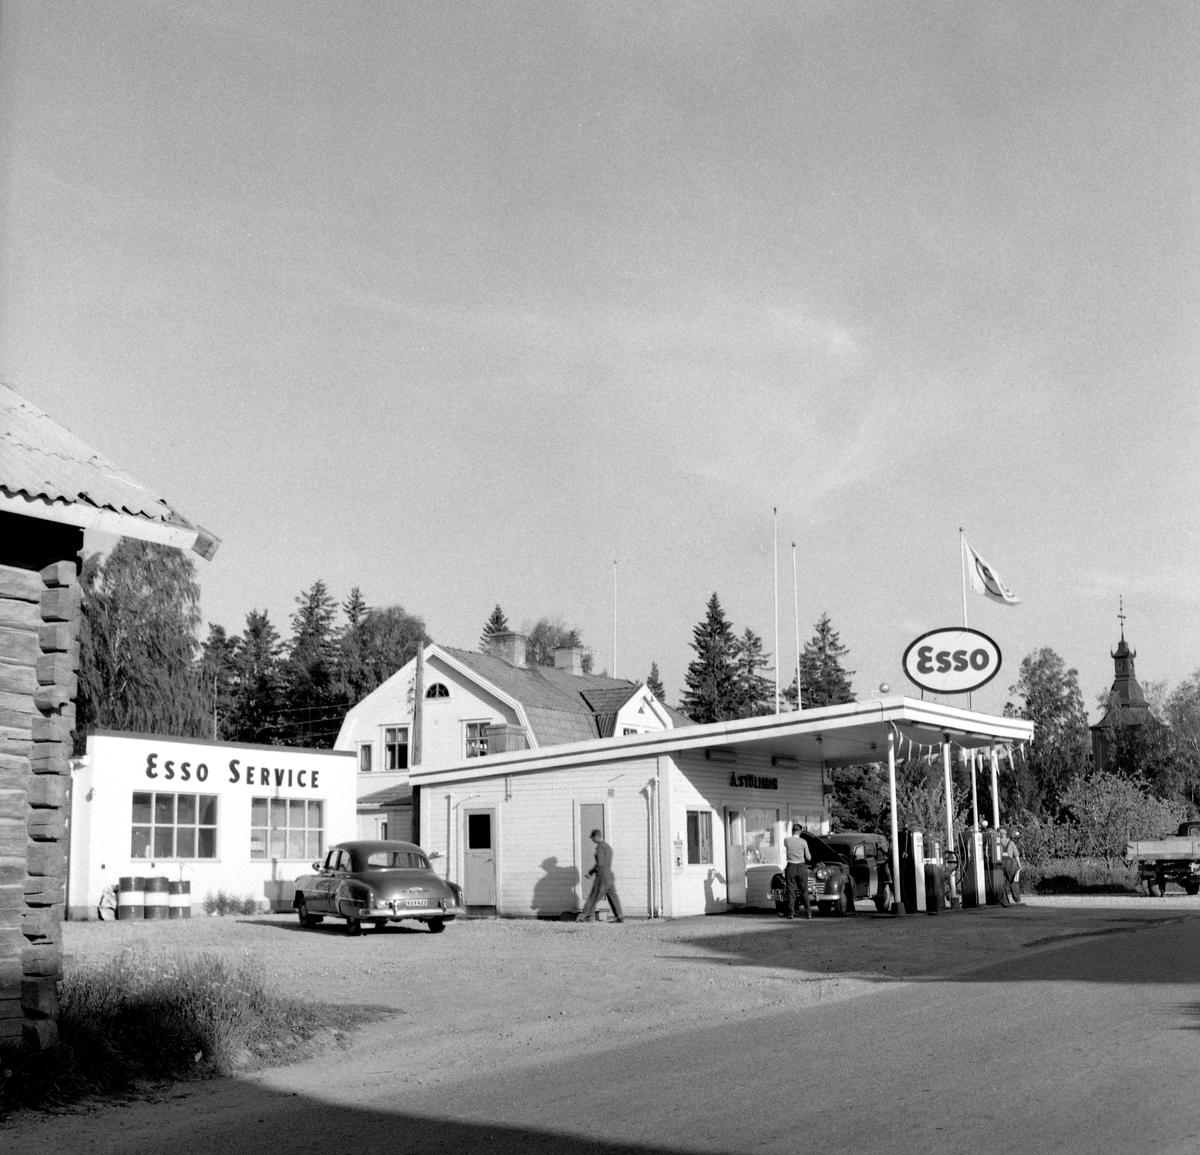 """Någonstans i Värmland - från slutet av 1950-talet. Kommentar från användare: """"Det är Esso i Ekshärad med kyrkan i bakgrunden. Fotot taget från nordväst""""."""